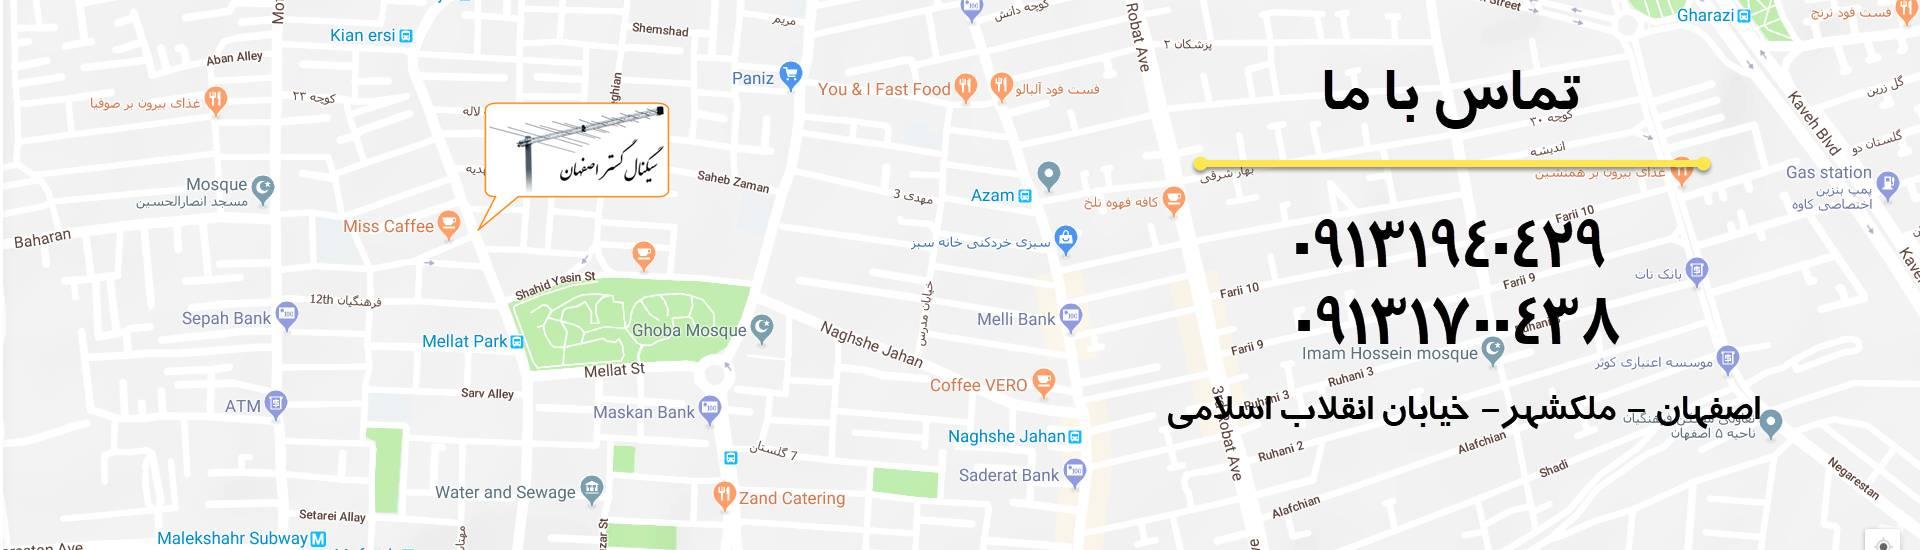 آدرس آنتن مرکزی در اصفهان